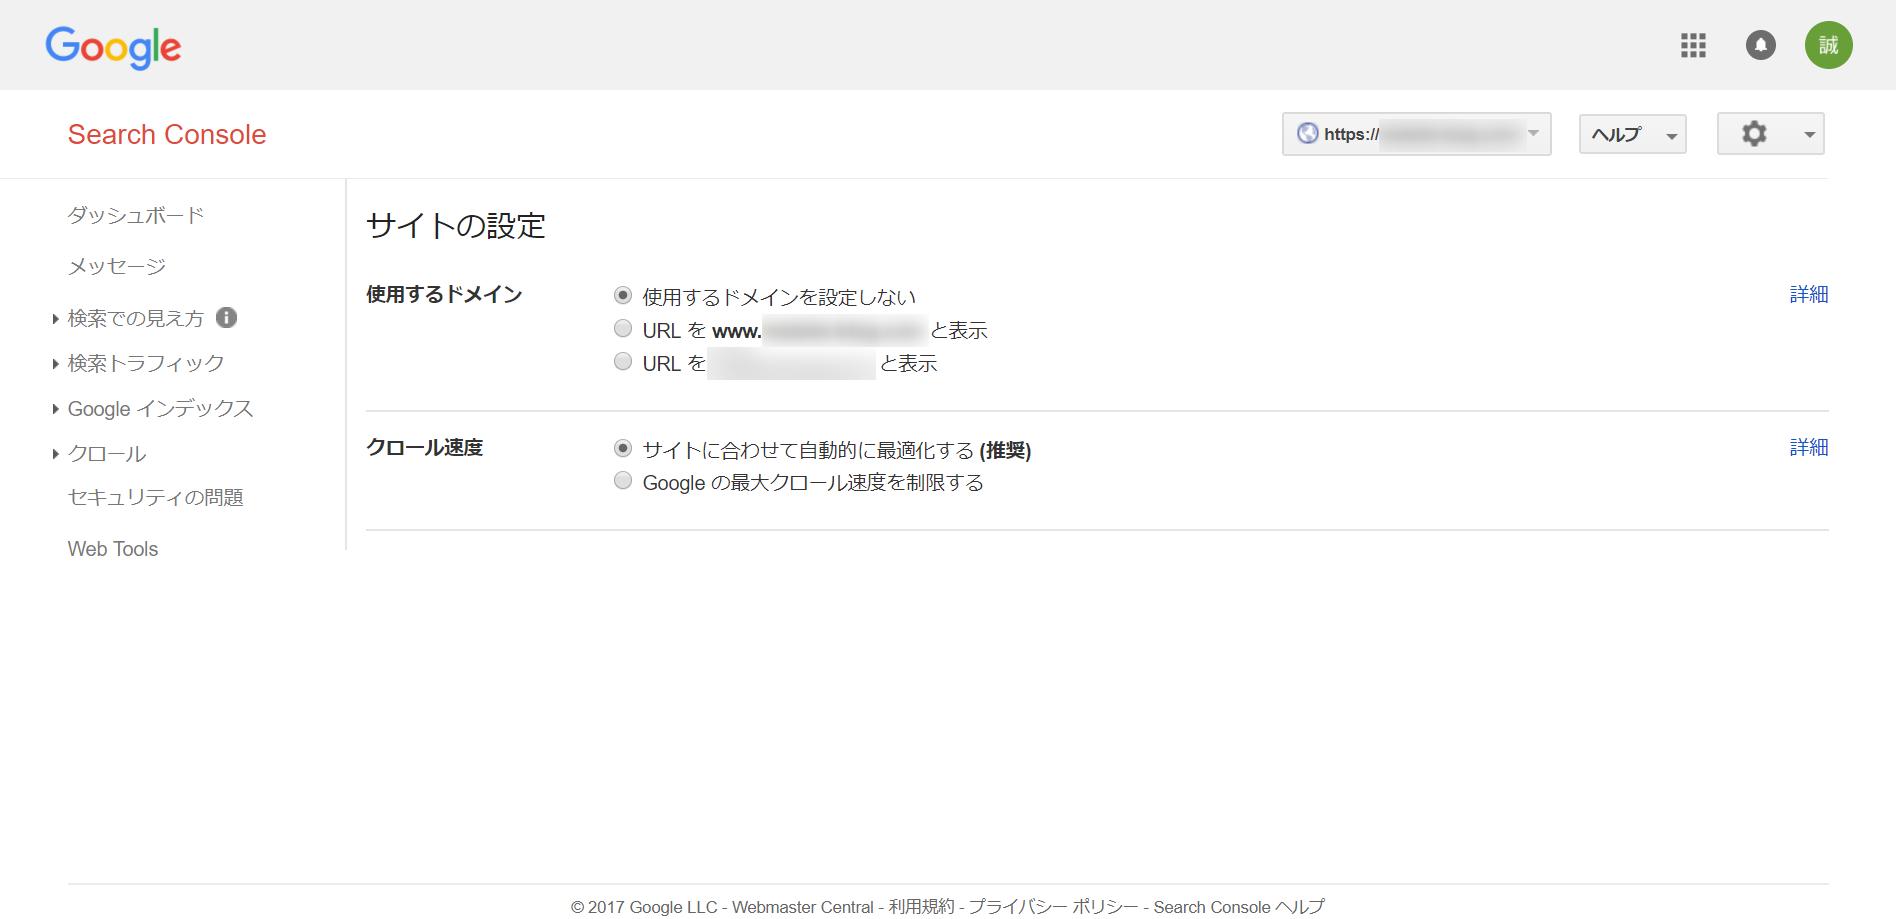 サイトの設定初期画面